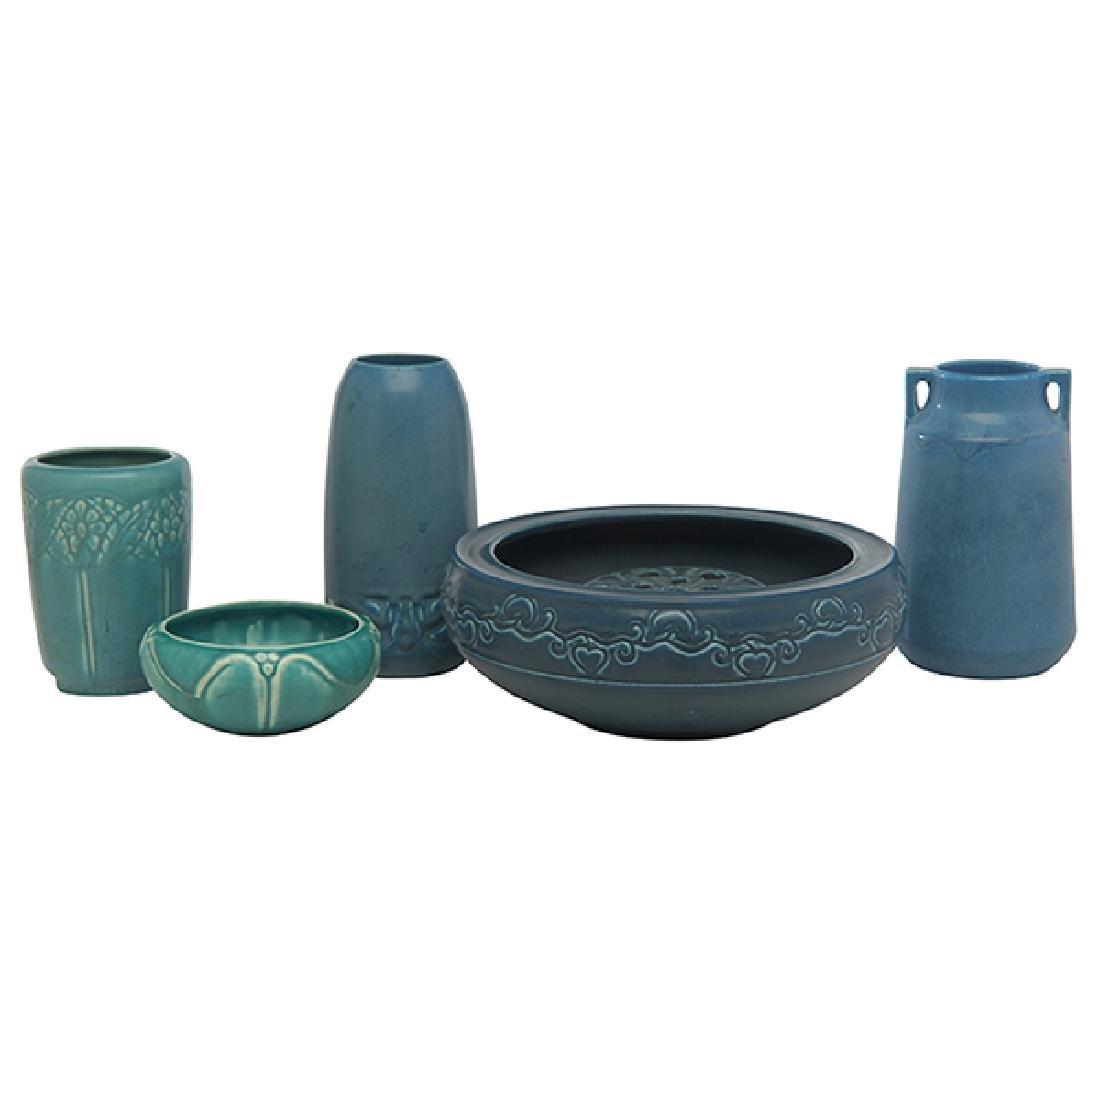 Rookwood Pottery vases, three, #1890, #2076, #6701,